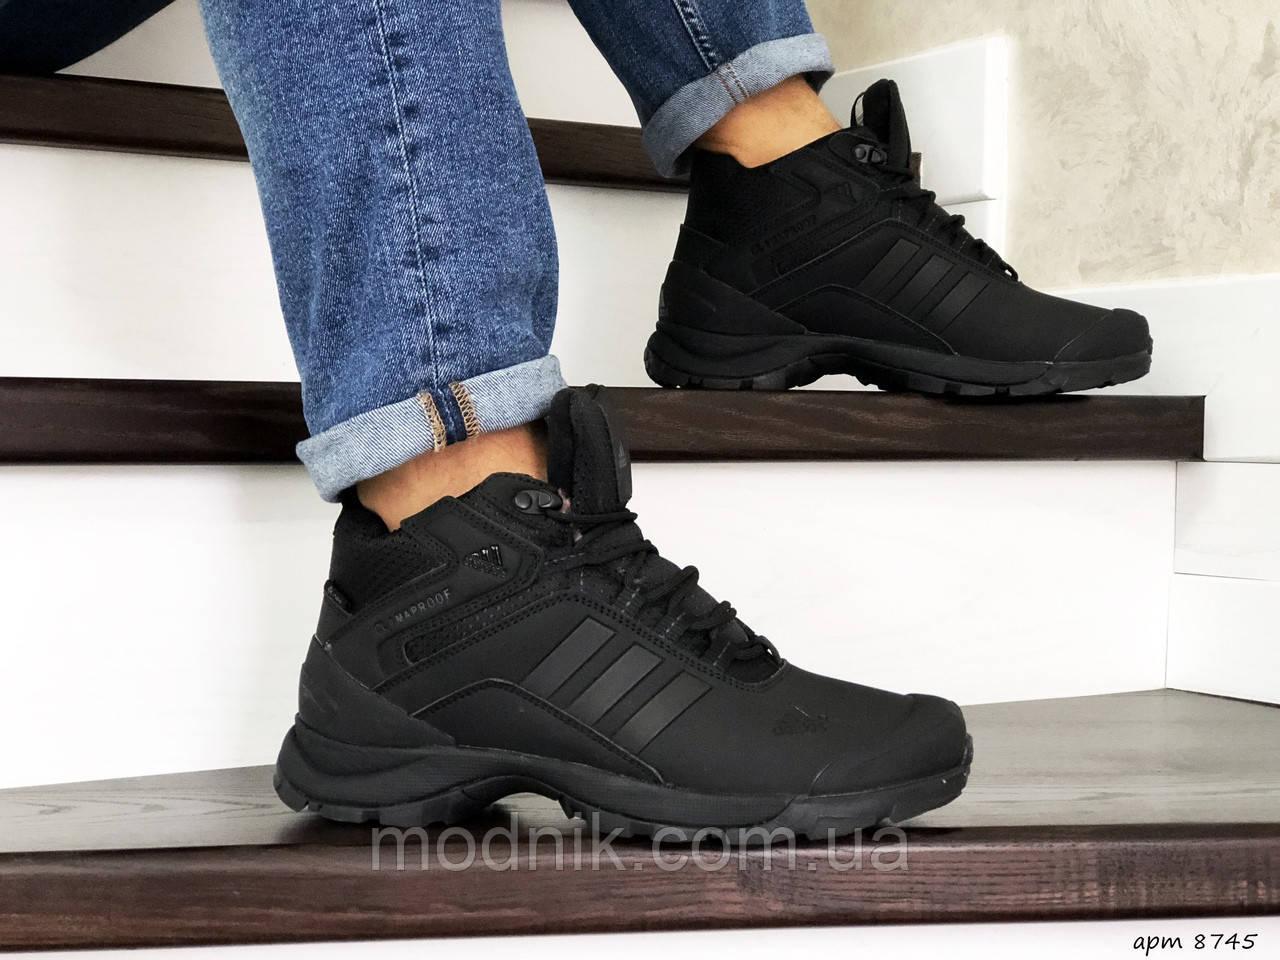 Мужские кроссовки Adidas Climaproof (черные) ЗИМА